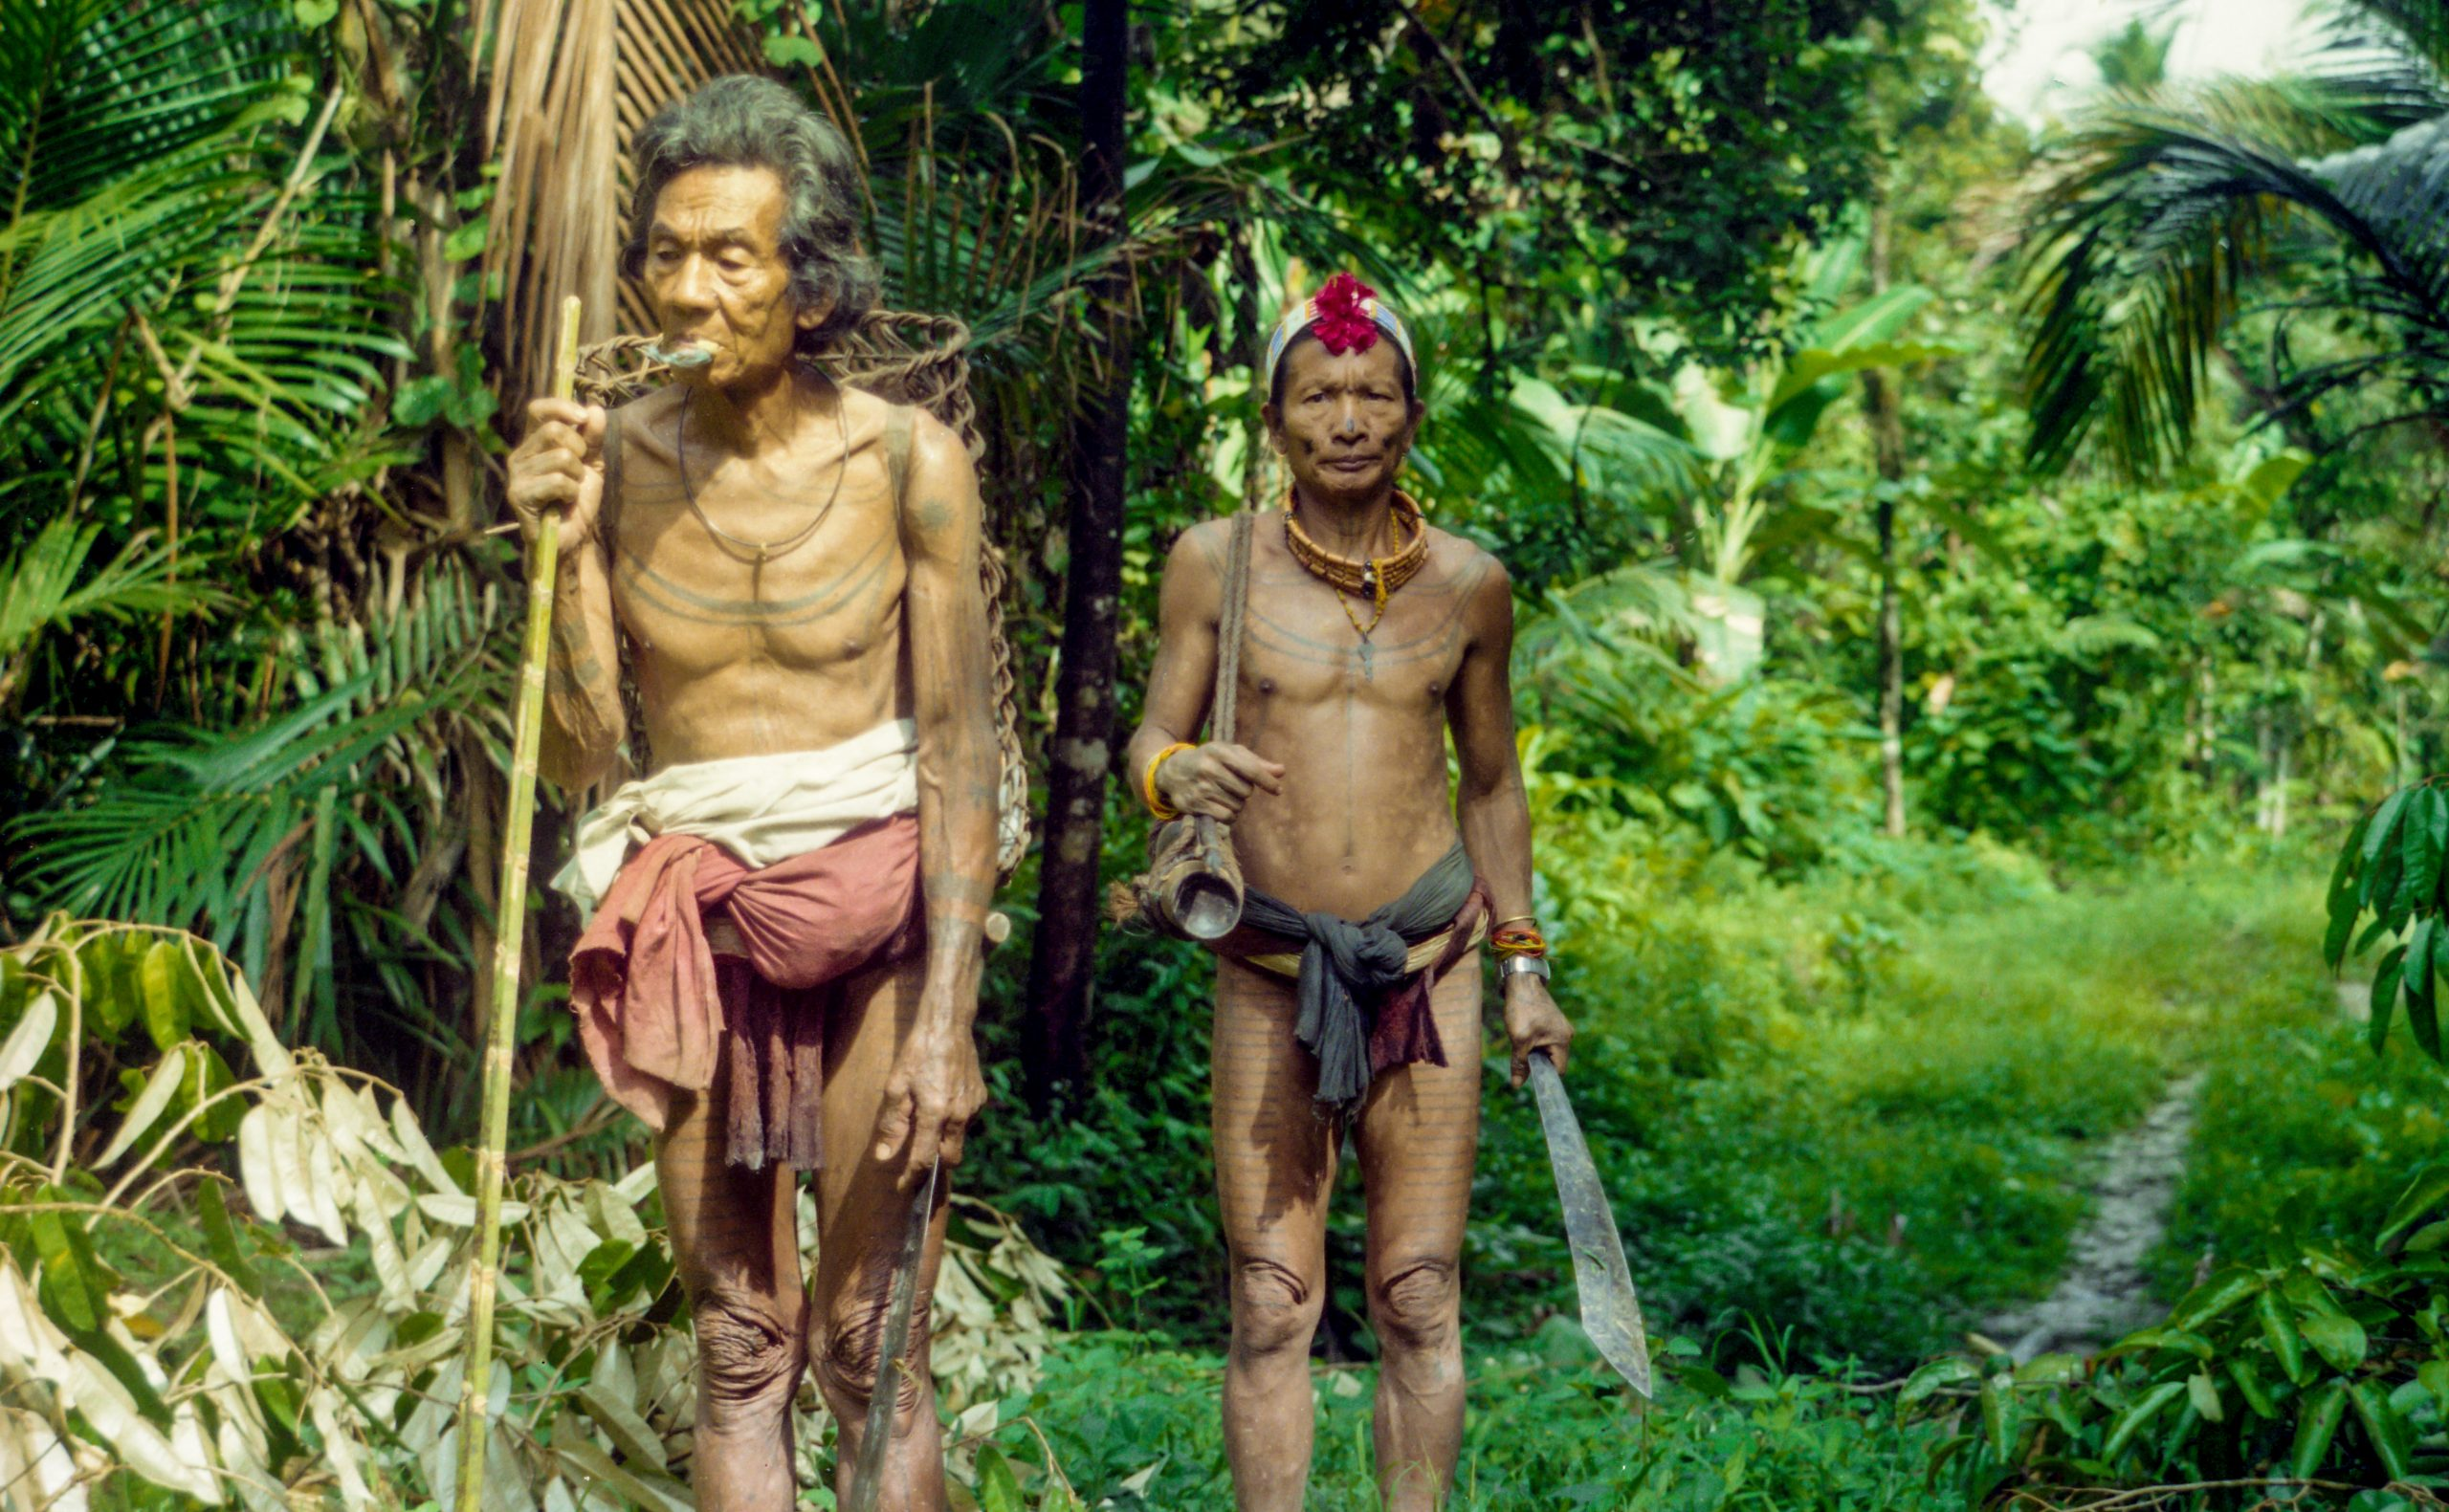 Siberut Island, Sumatra, Indonesia, Asia